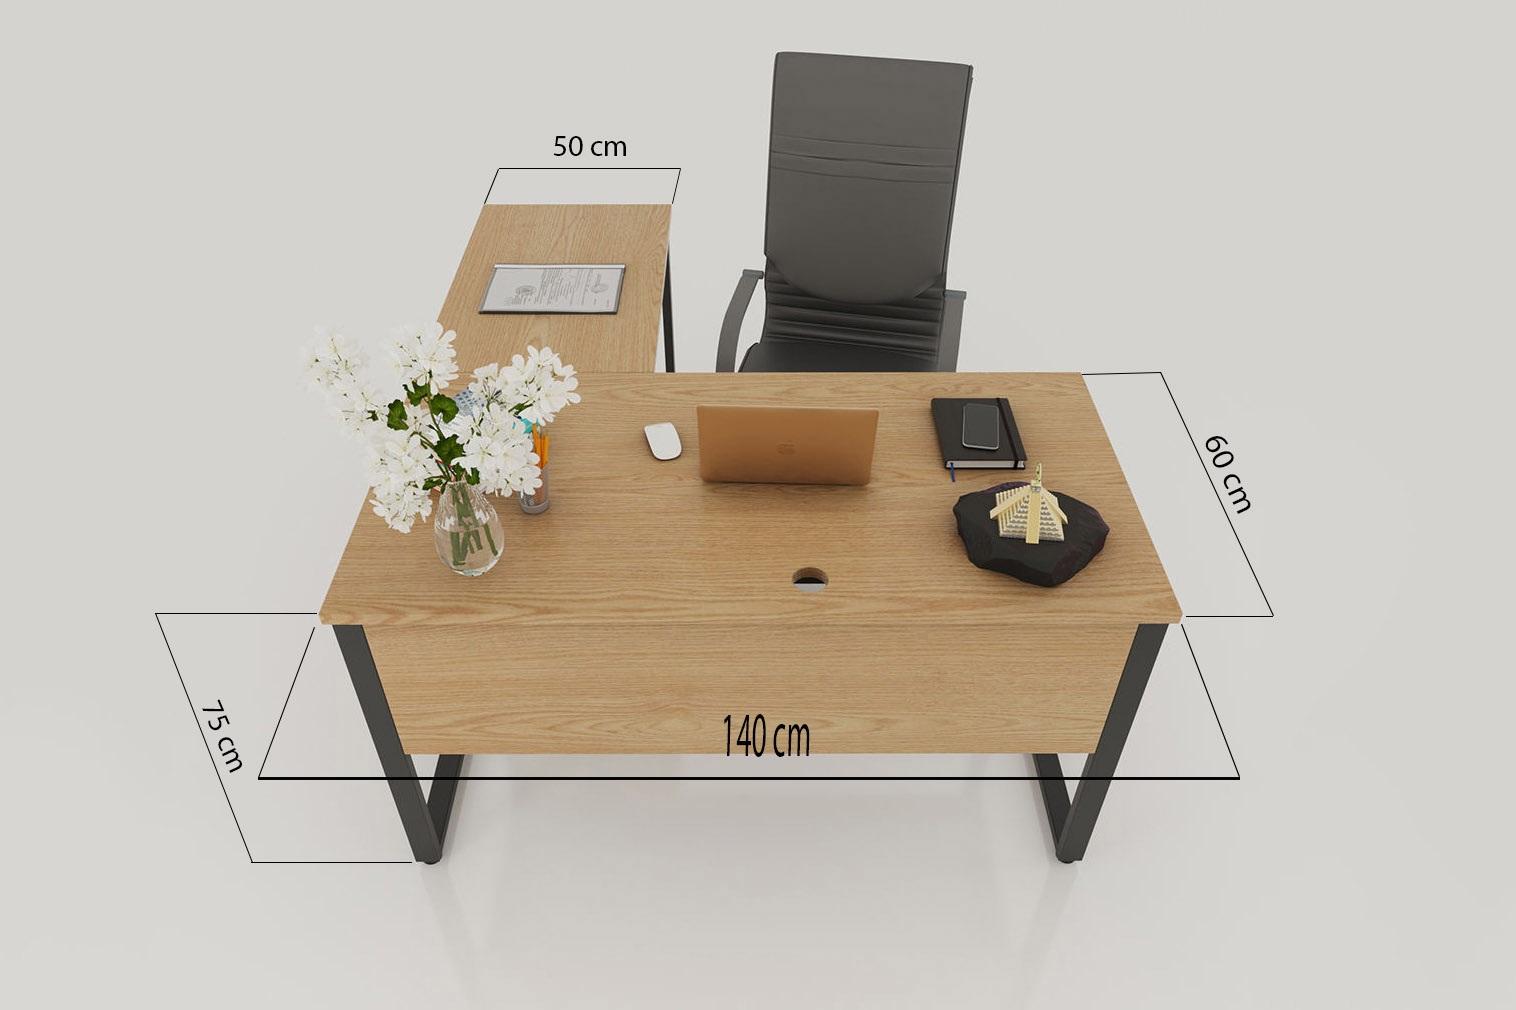 Kích thước bàn làm việc chuẩn tránh được các bệnh về cột sống